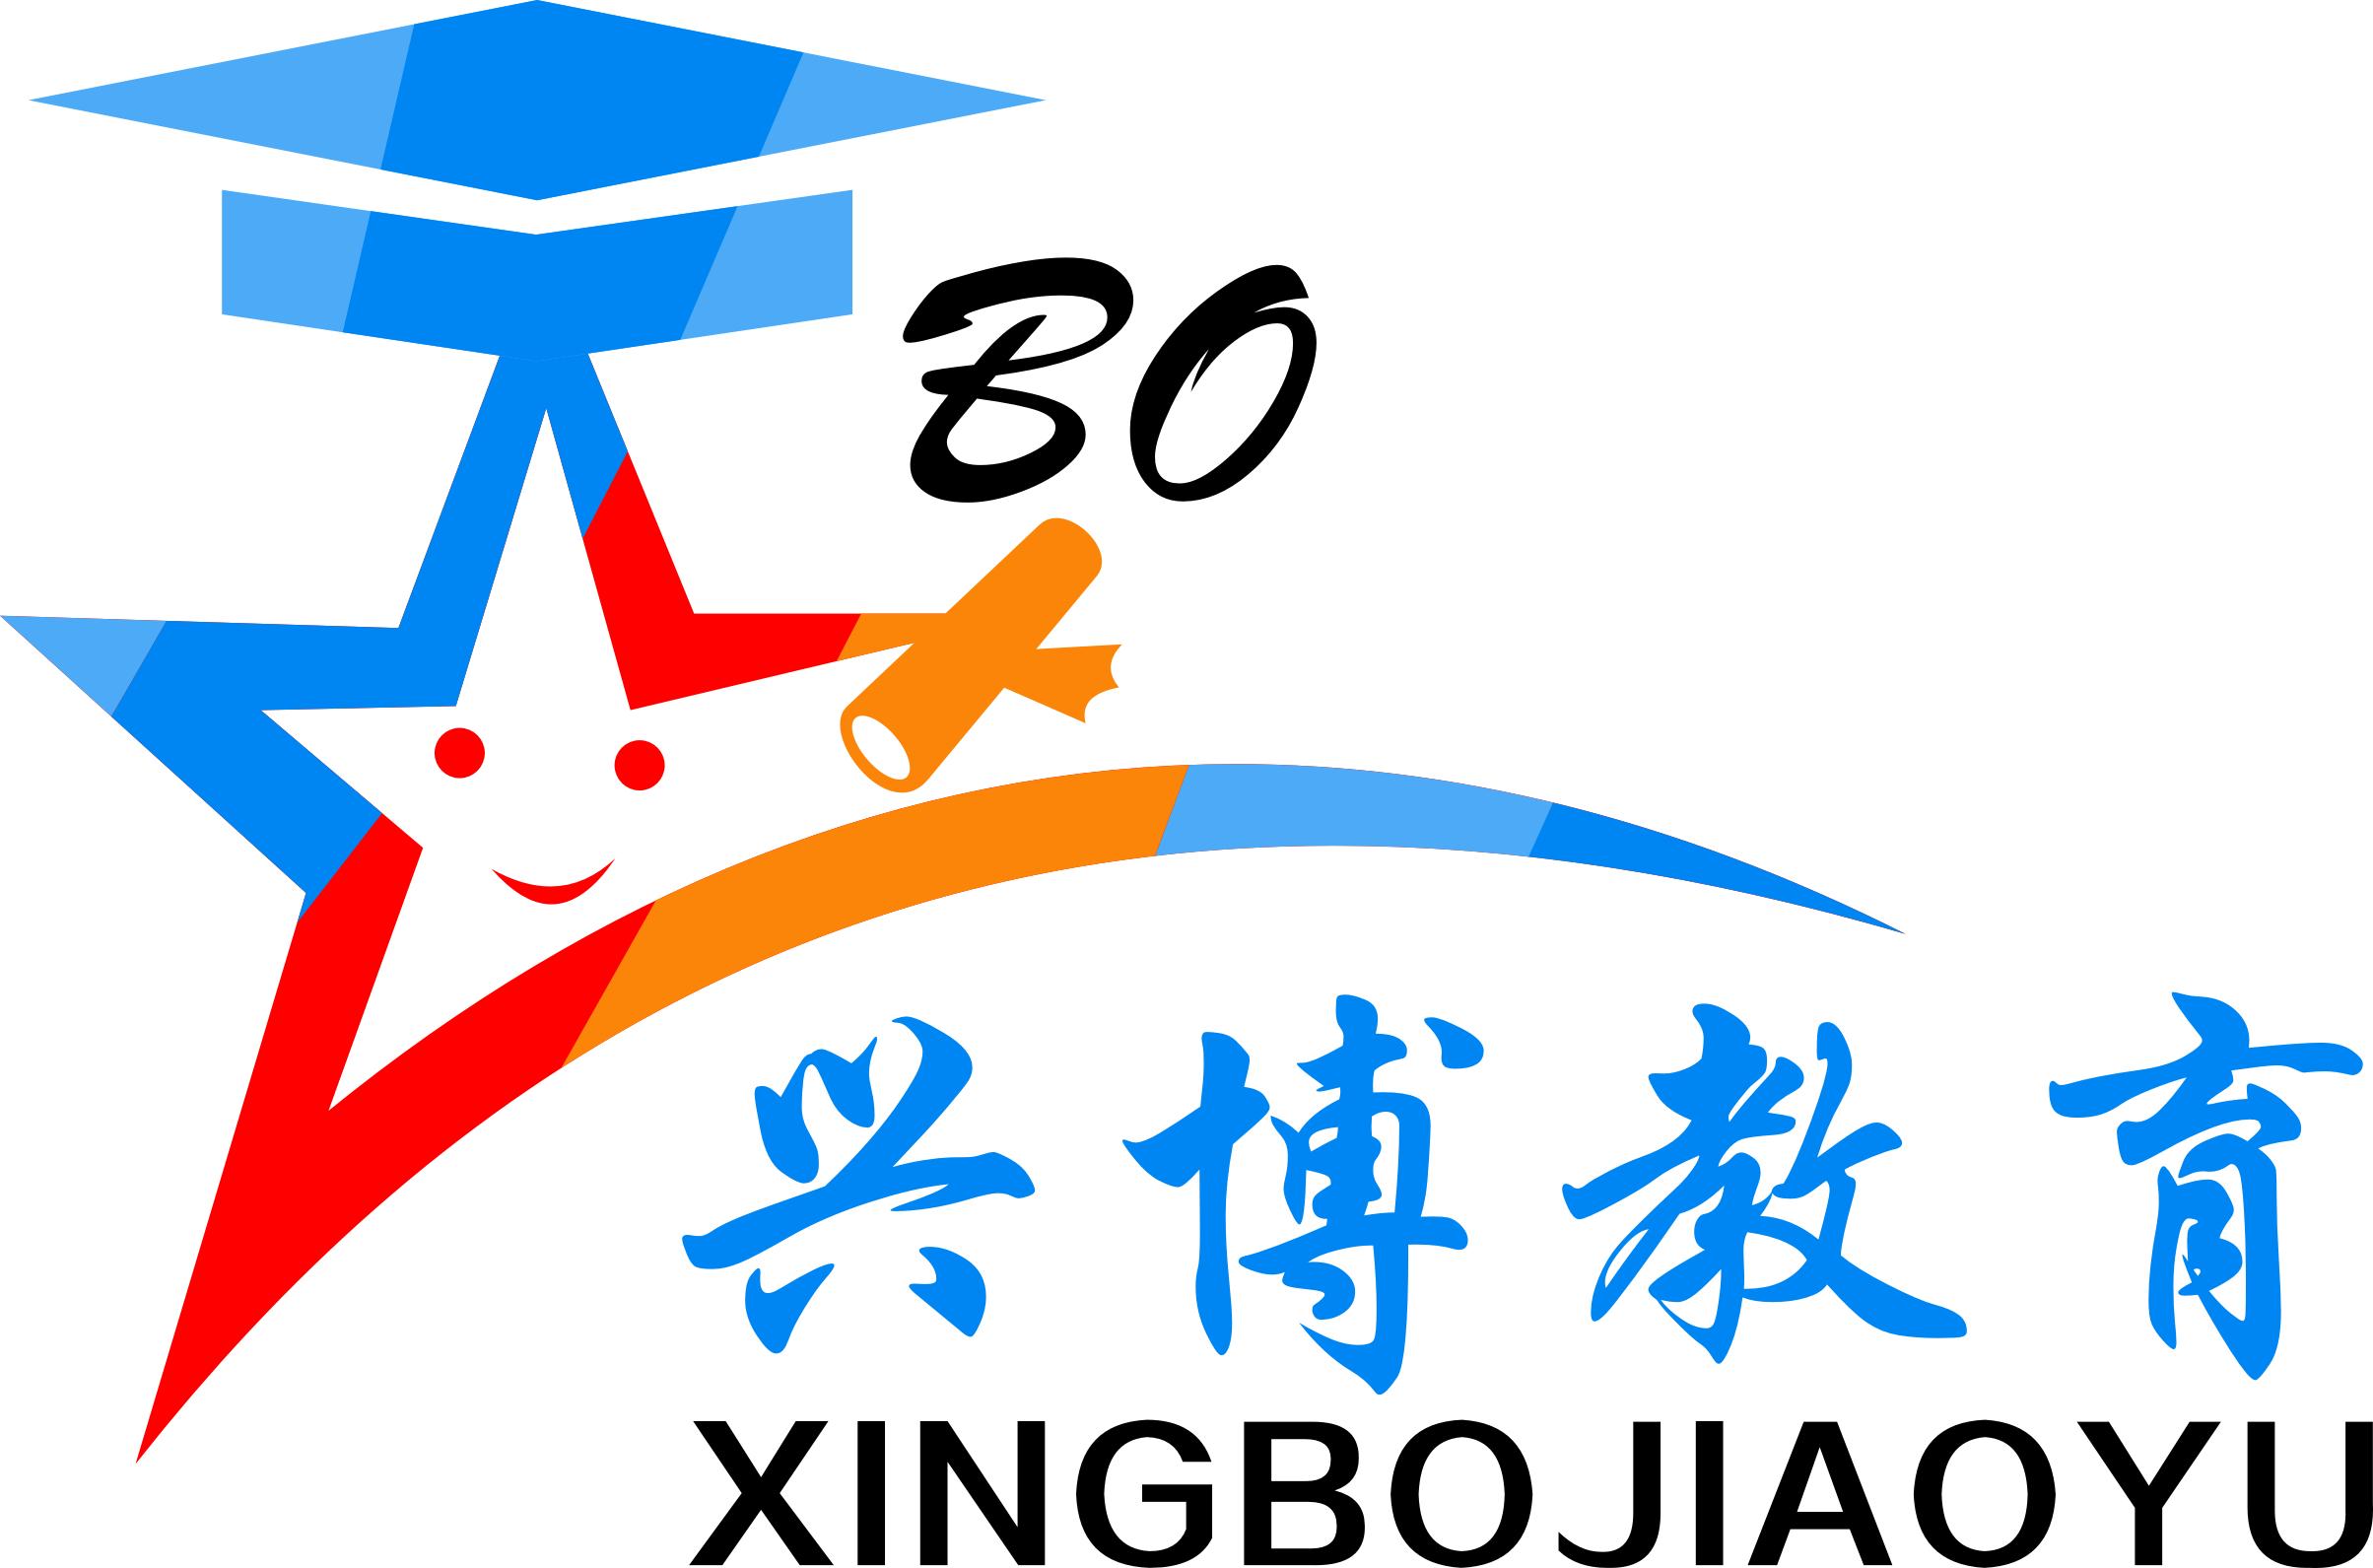 中山市南朗镇兴博艺术培训中心 _才通国际人才网_job001.cn